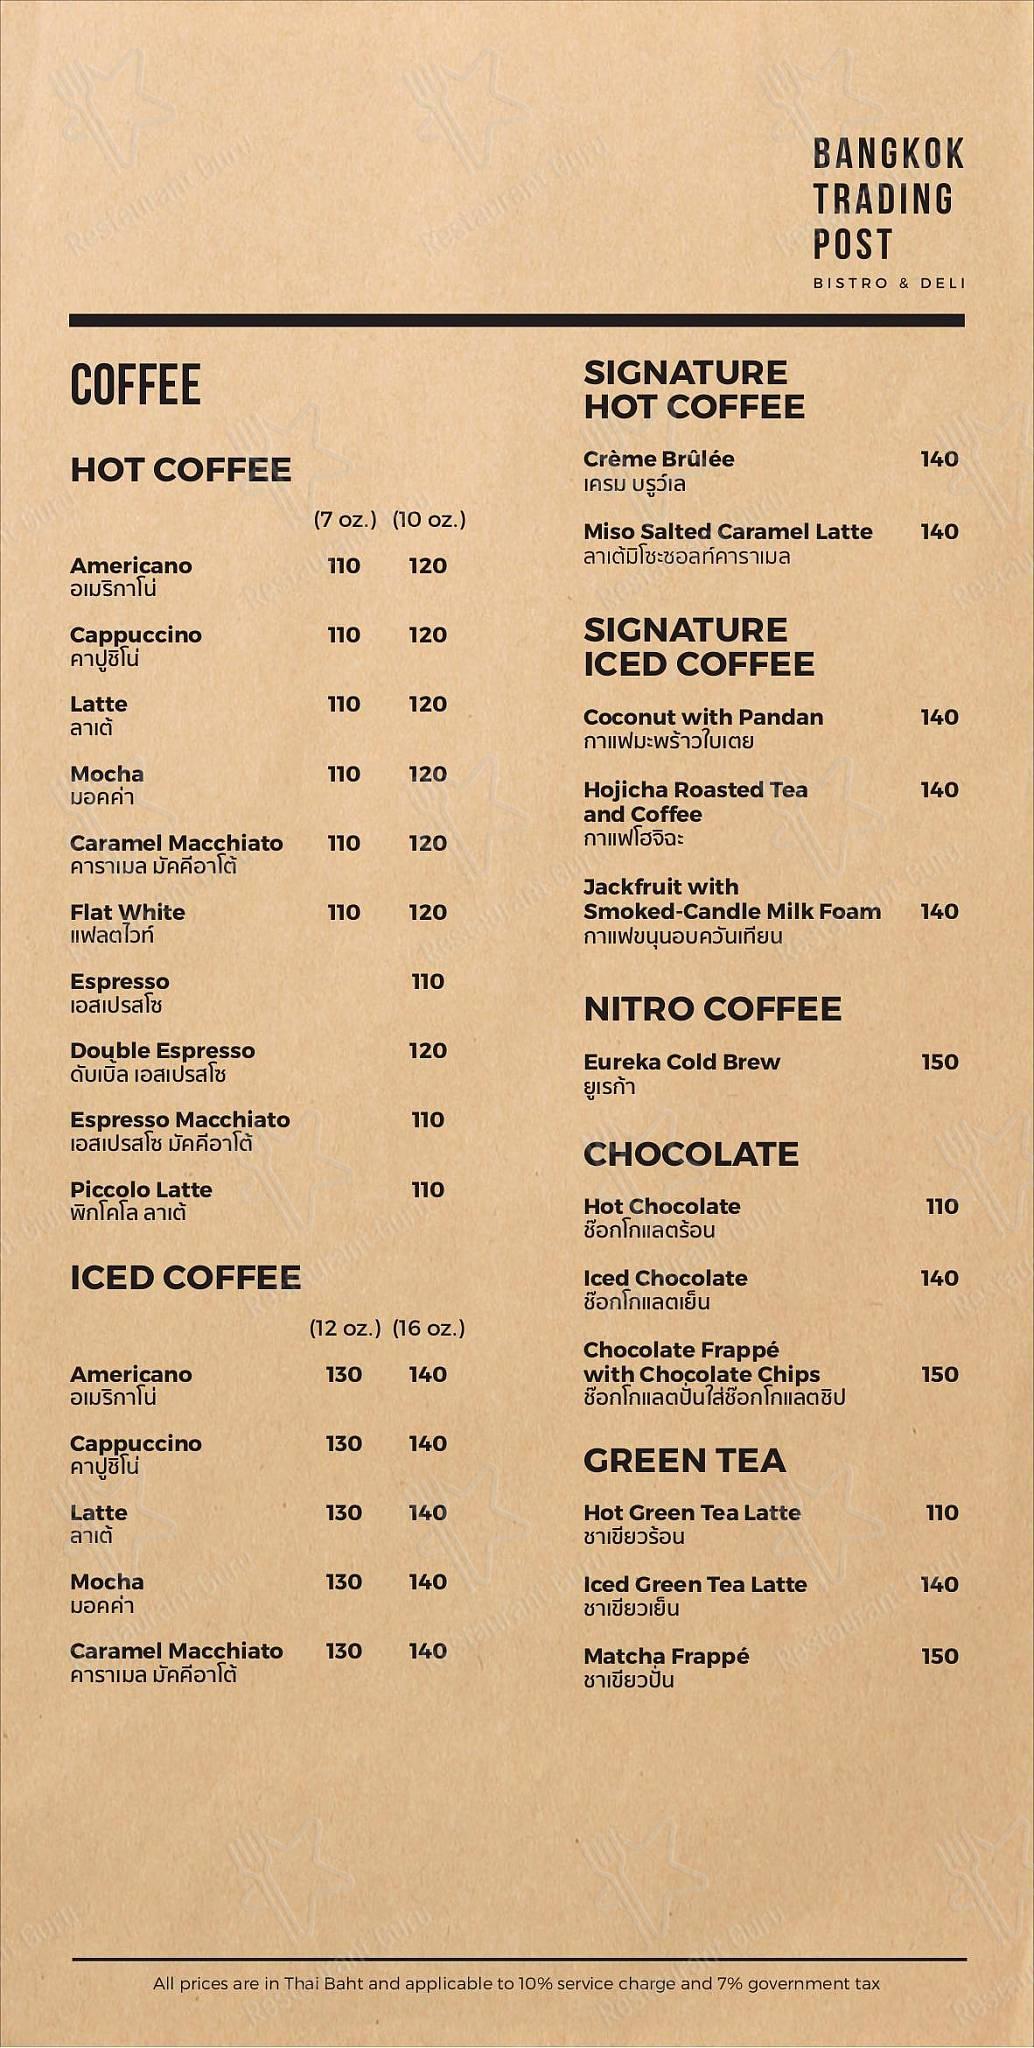 Bangkok Trading Post menu - dishes and beverages